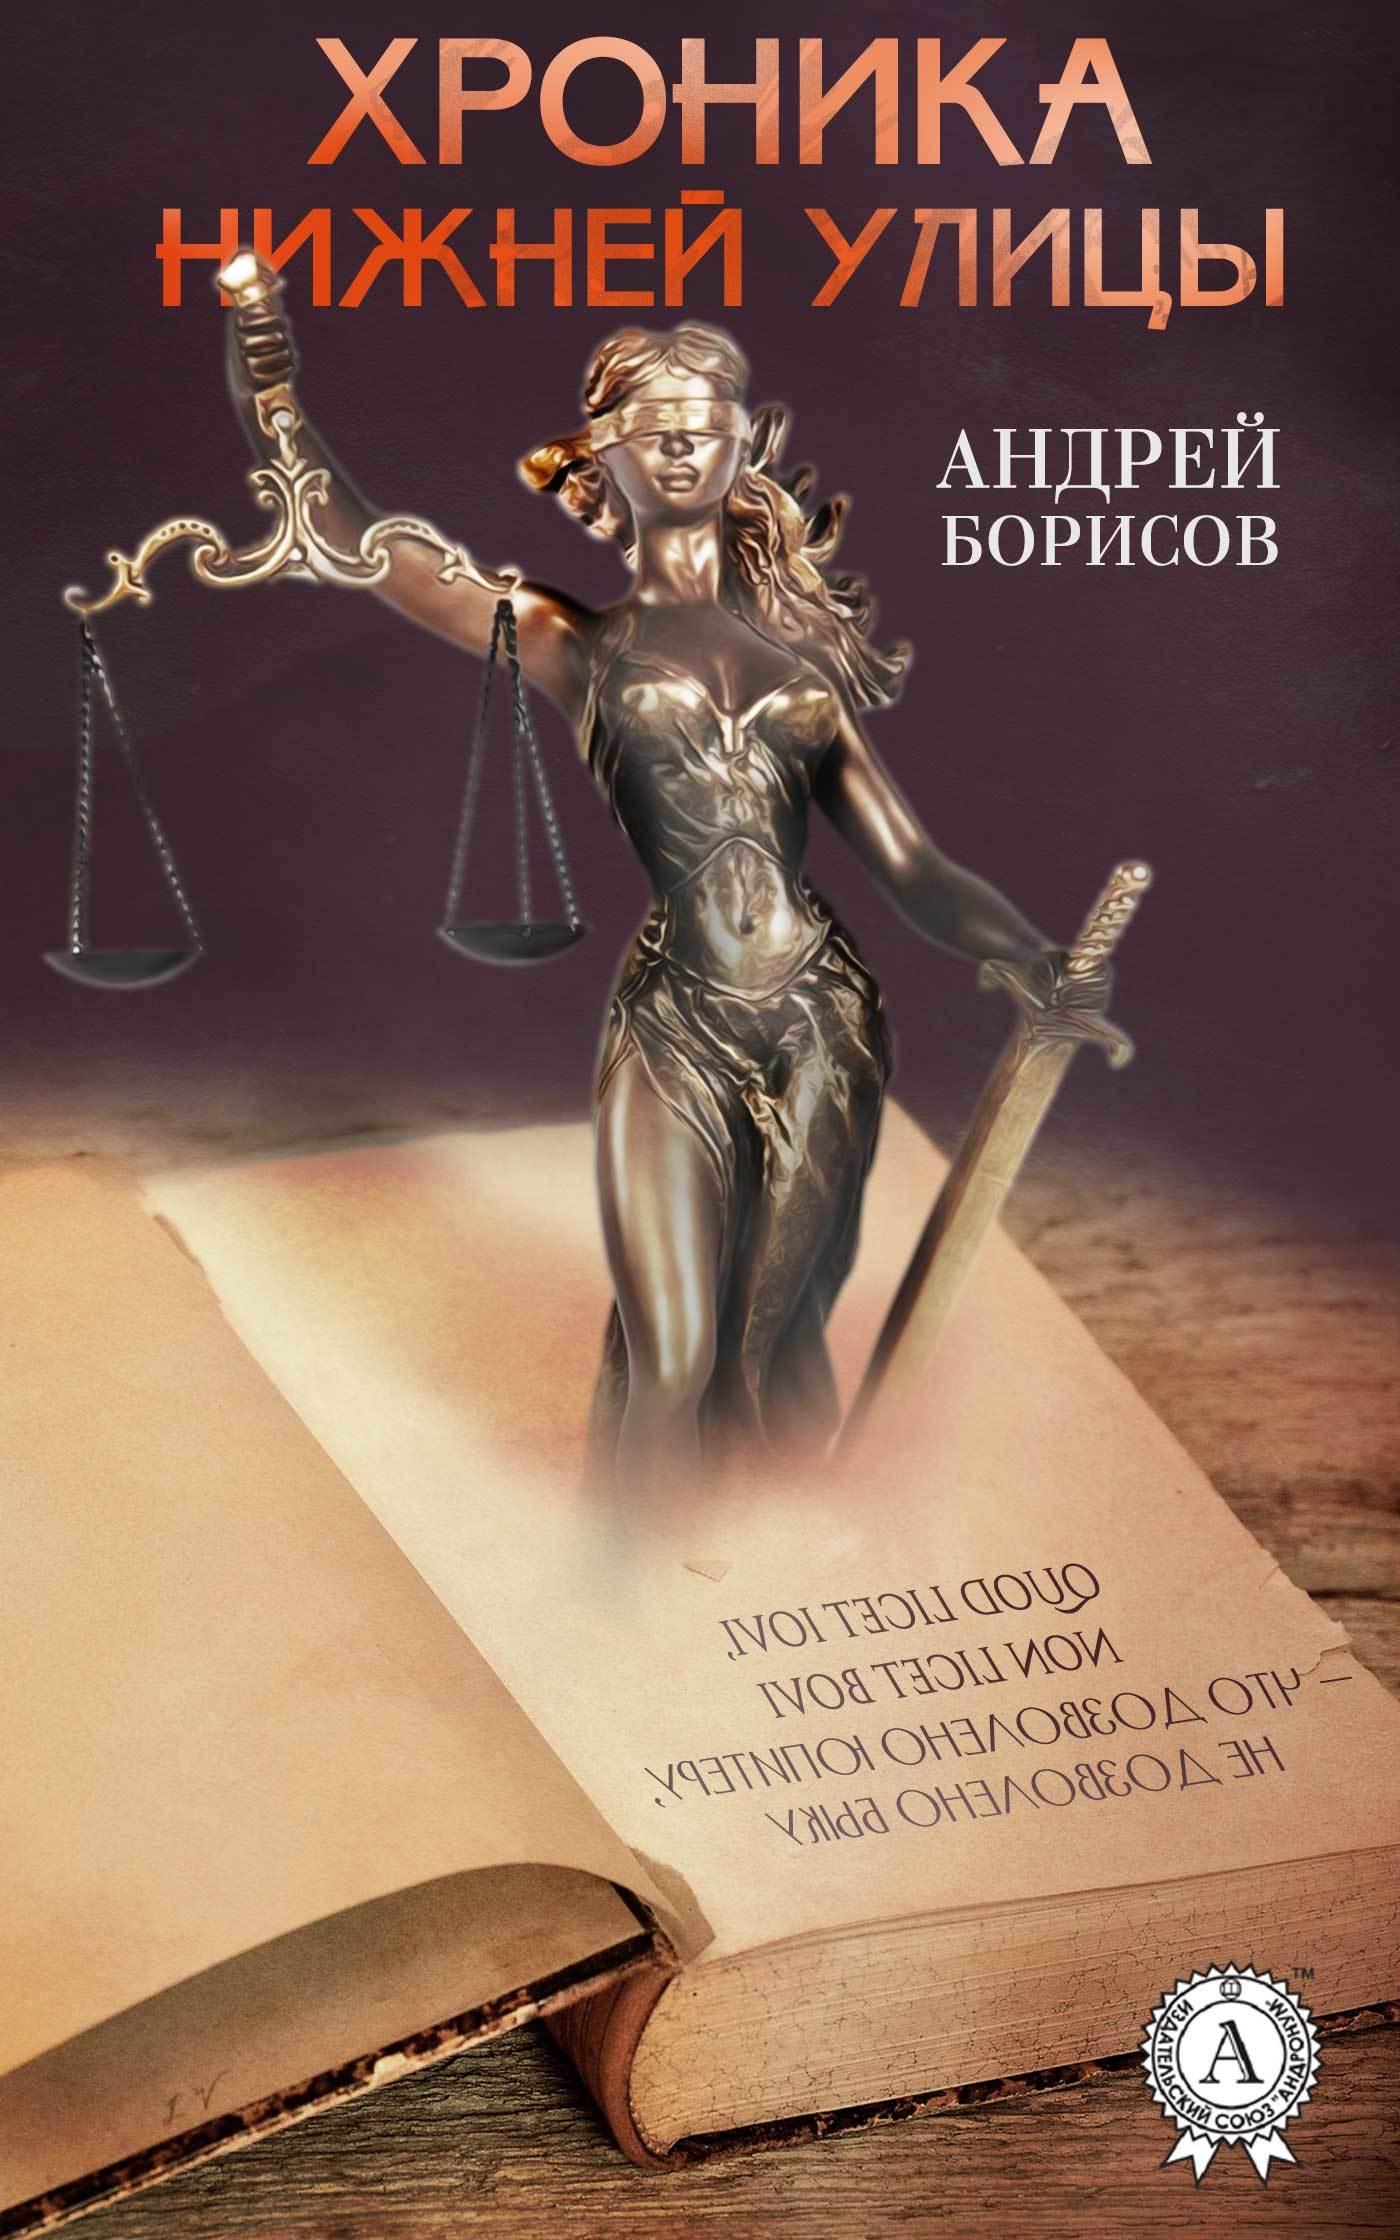 Купить книгу Хроника нижней улицы, автора Андрея Борисова